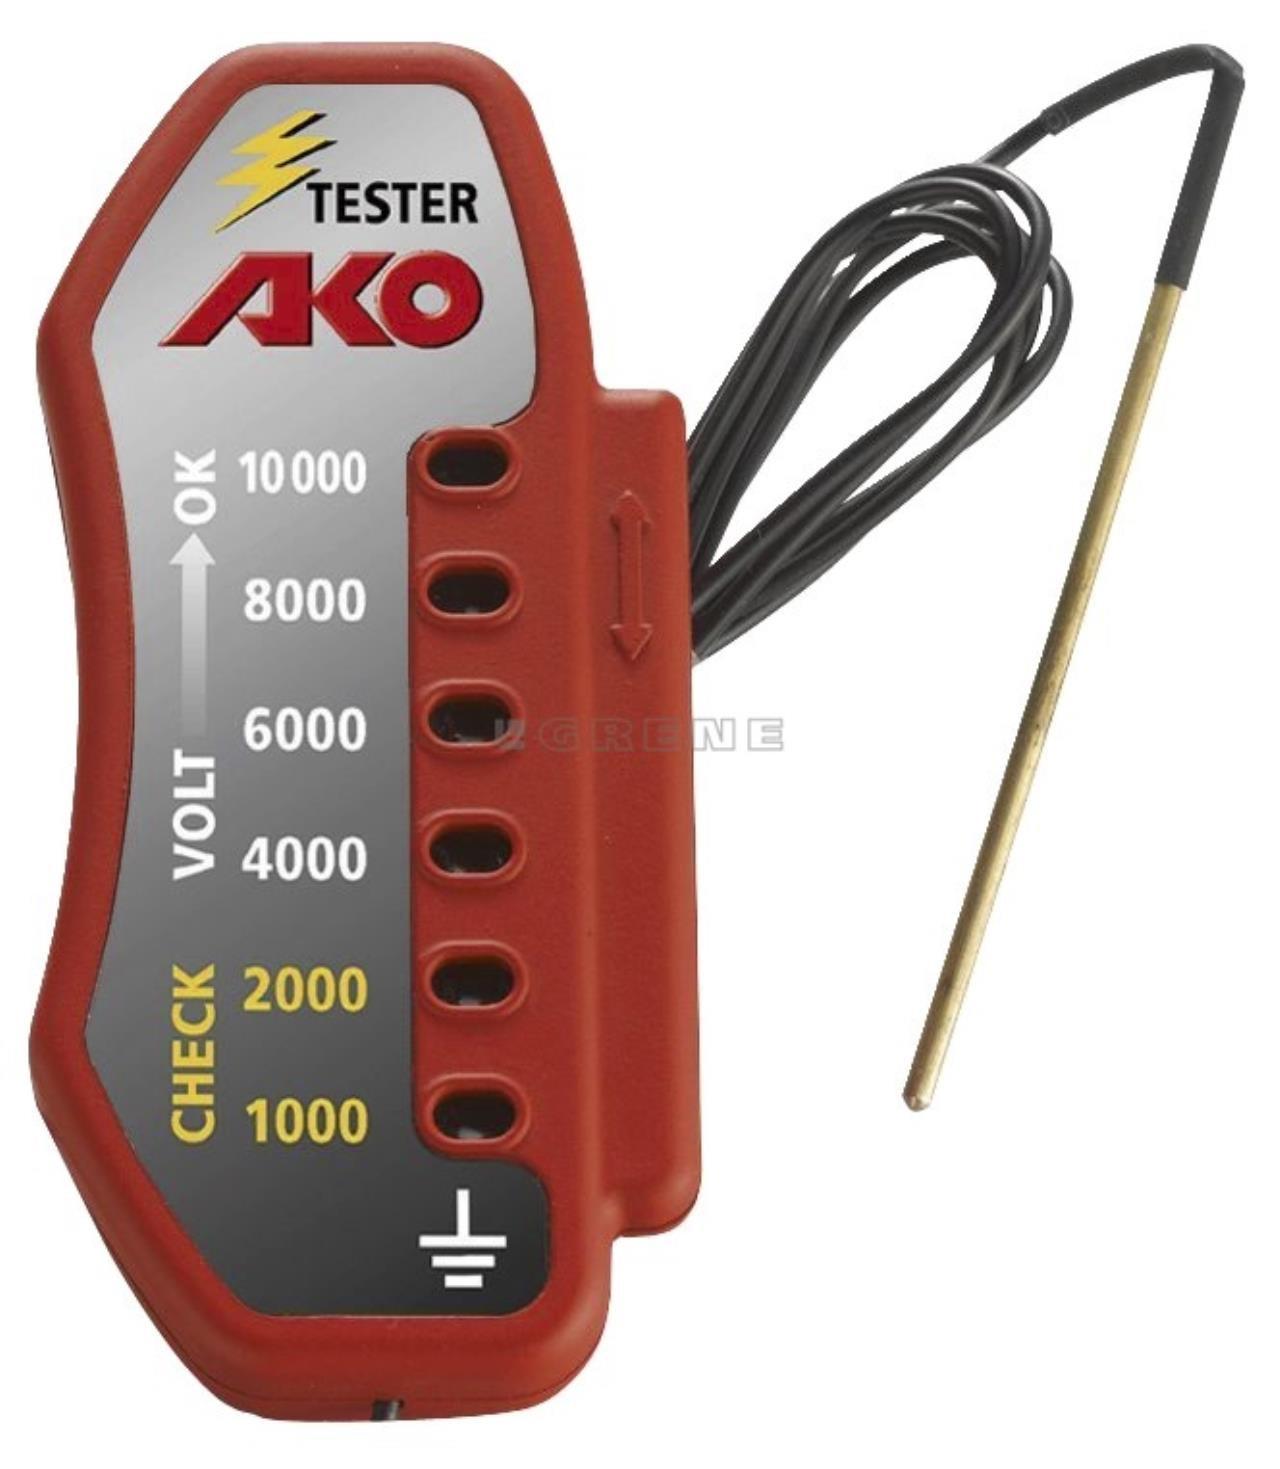 AKO hegnstester m/10 lamper